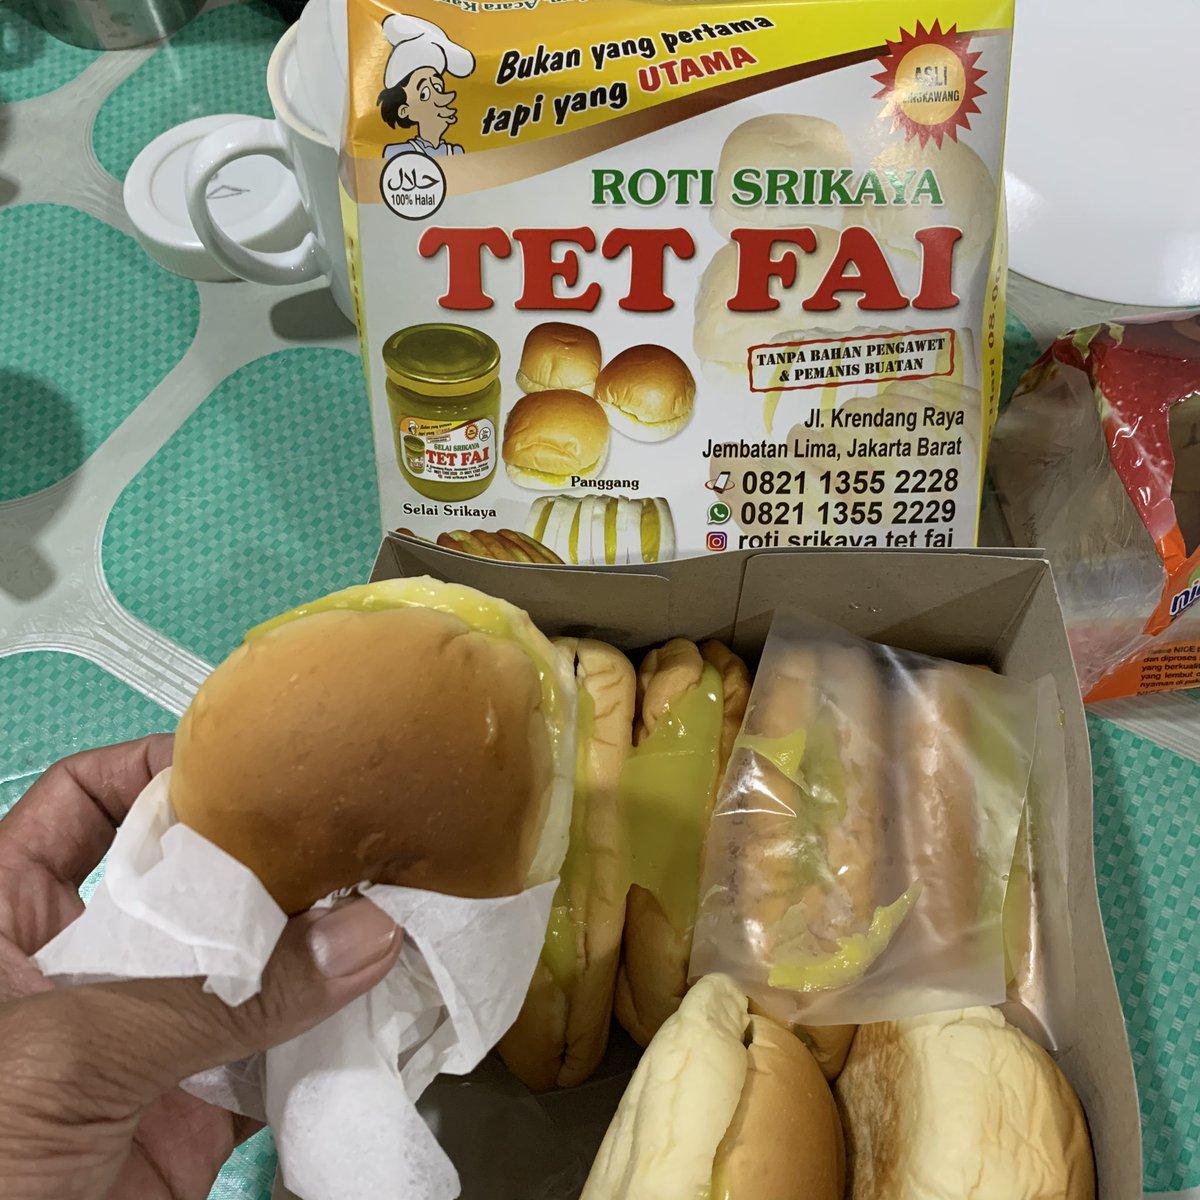 Entah menurutmu, tapi menurutku ini overrated, masih lebih enakan roti srikaya di Sabang 16. Selainya, ya jauh dibanding Selai Srikaya Roti Ganda Siantar.